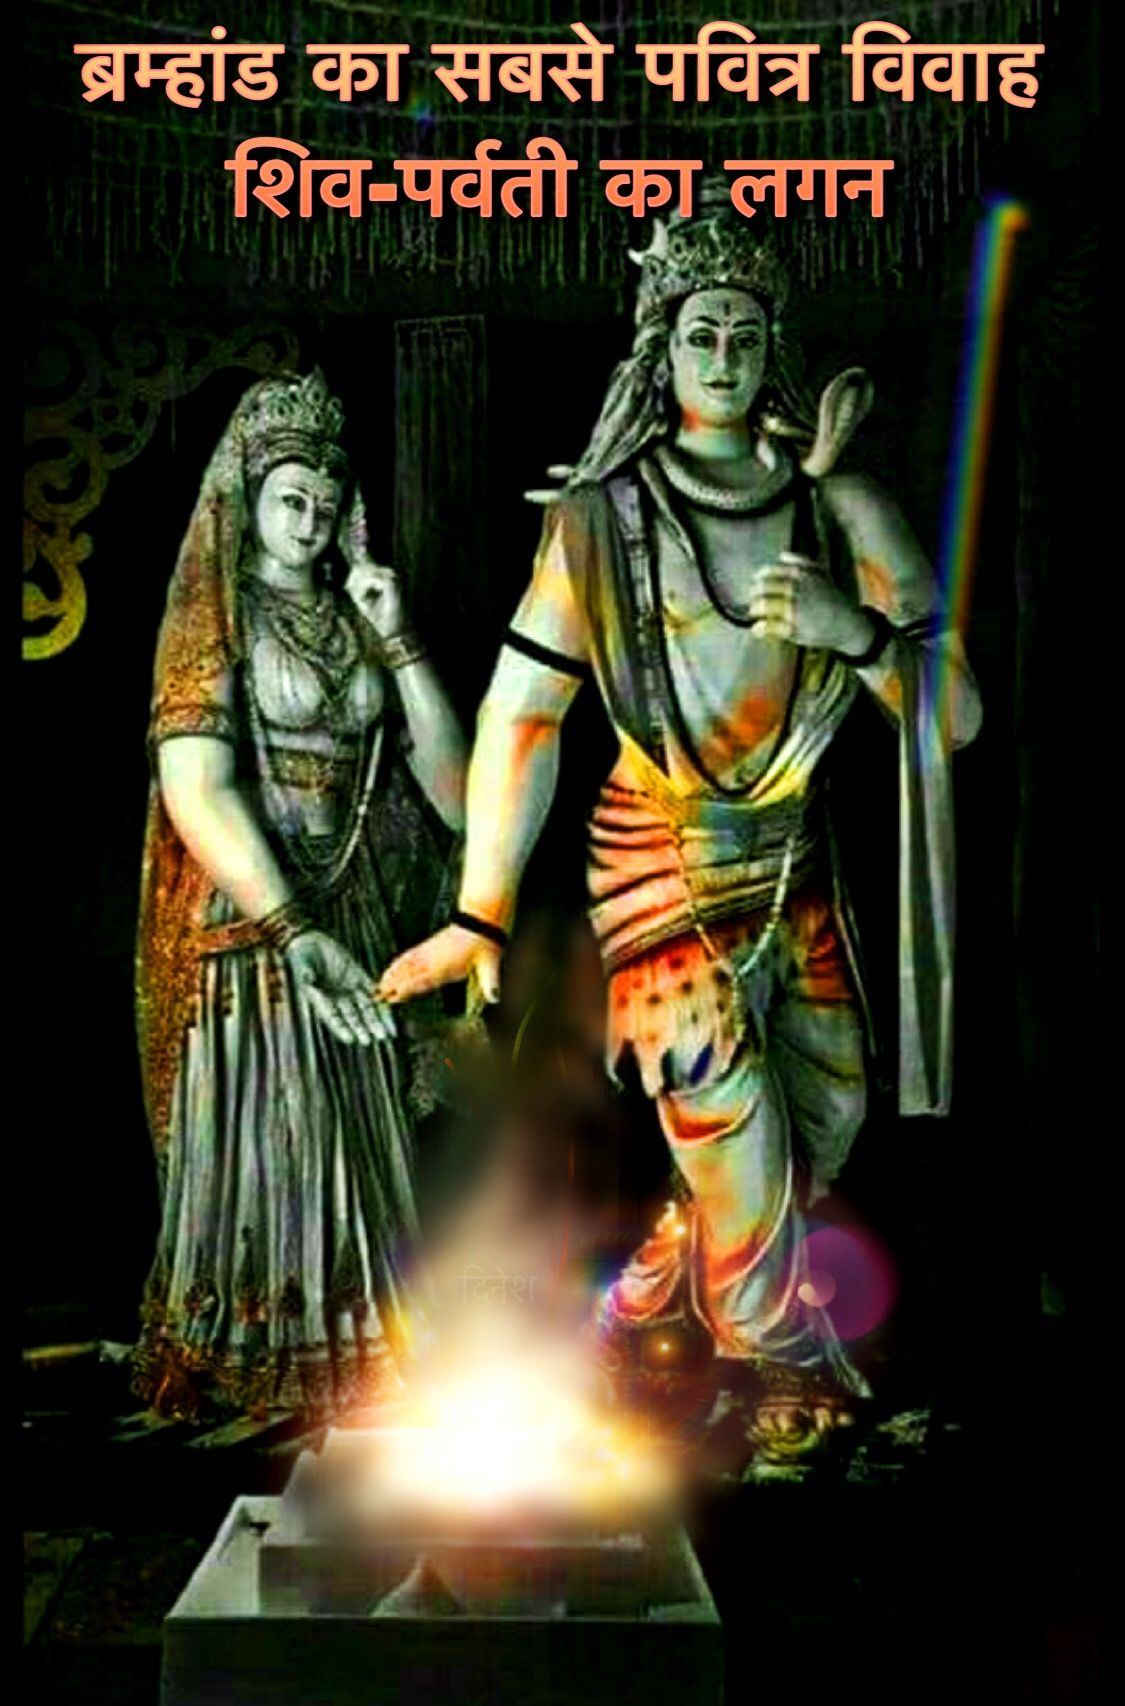 Pin By Shivani Nandi On Shiva Photos Of Lord Shiva Shiva Shakti Shiva Shankar